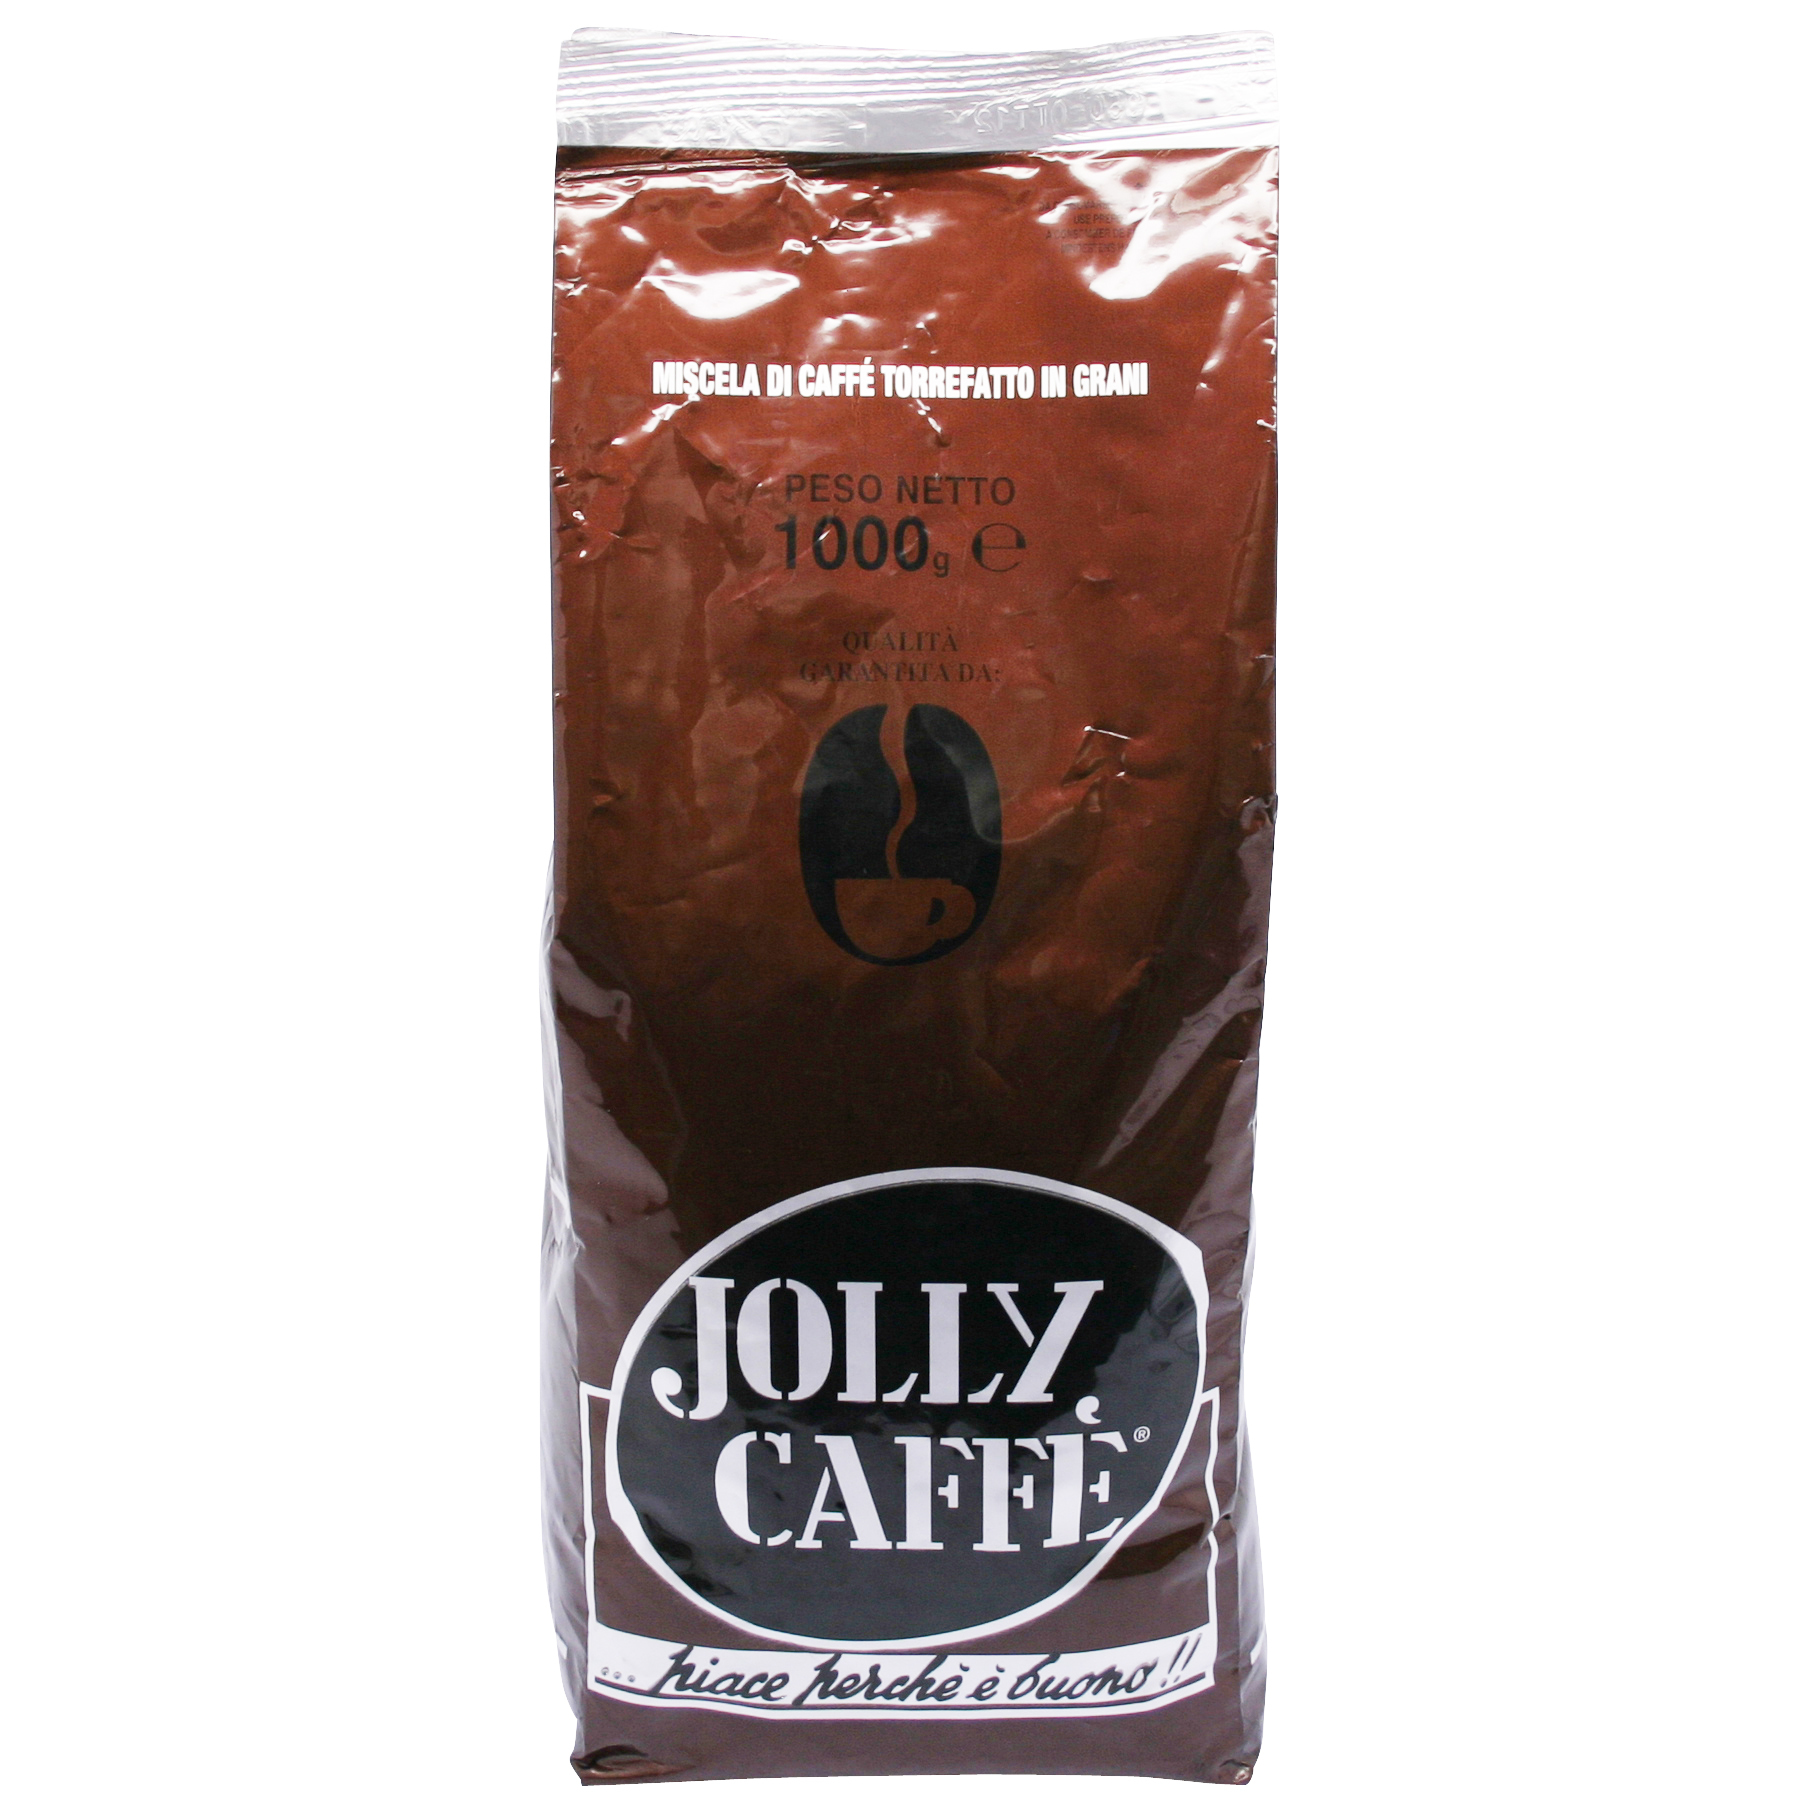 jolly caffe 1000g2